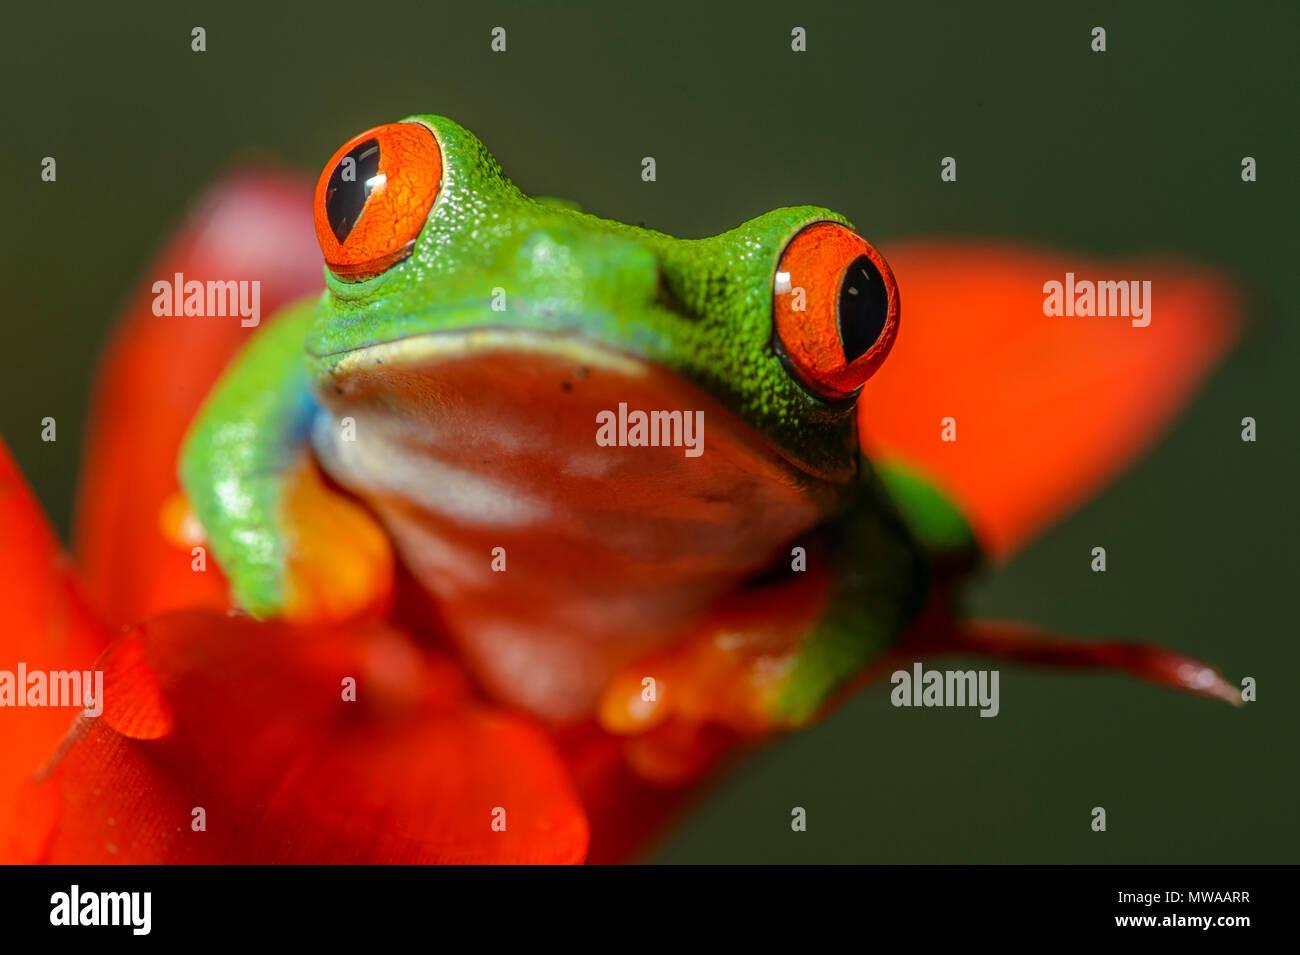 La rana arborícola de ojos rojos (Agalychnis callidryas), cautiva, Reptilia zoo de reptiles, Vaughan, Ontario, Canadá Imagen De Stock